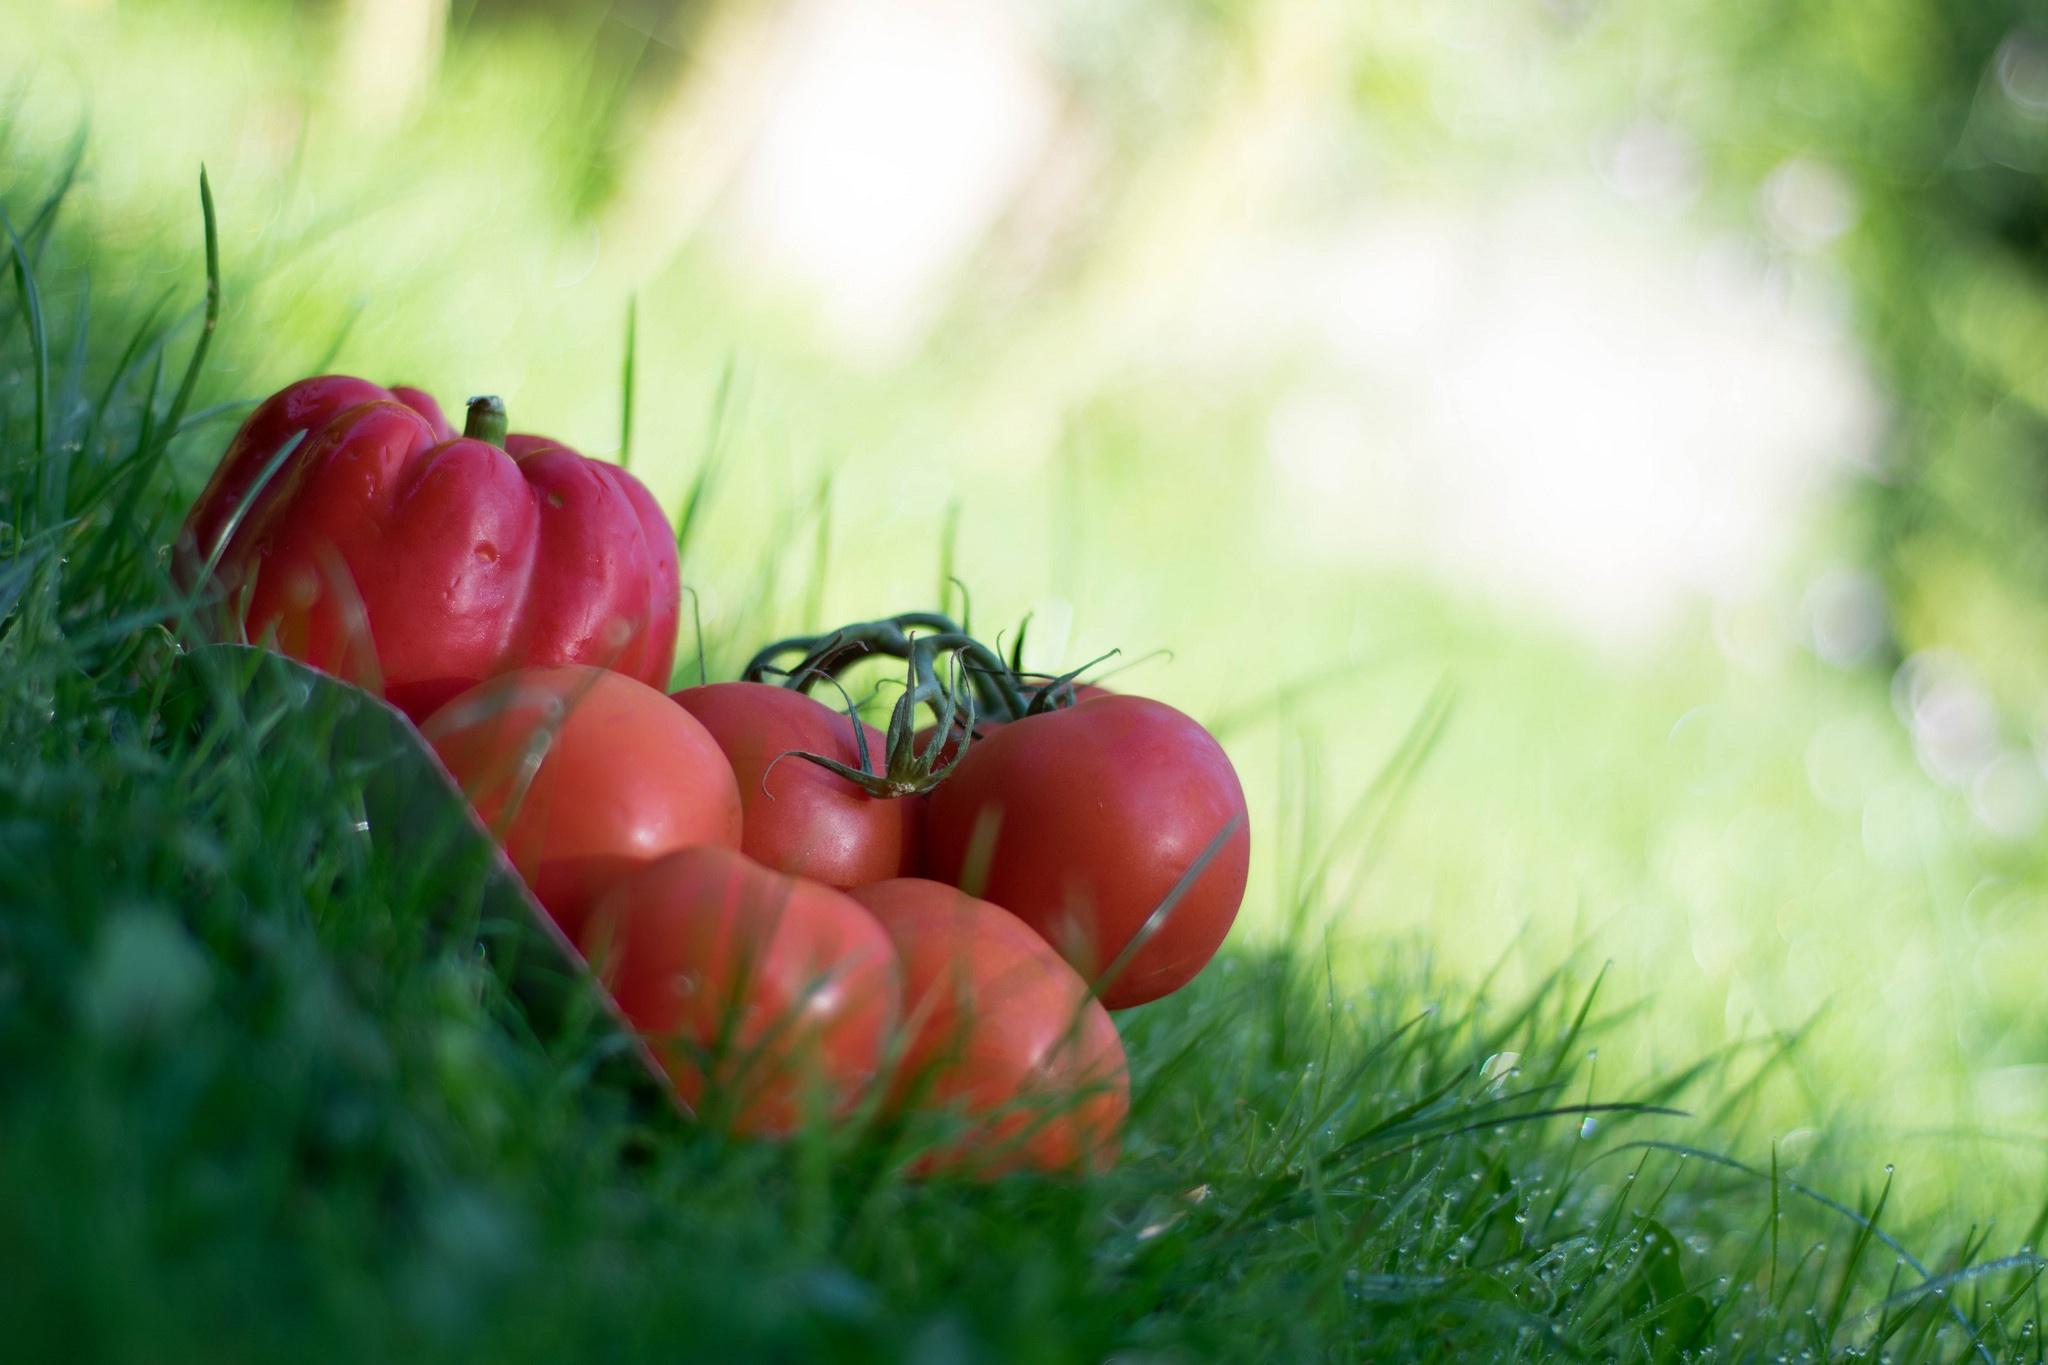 картинки помидоров растение для рабочего стола является просто центром